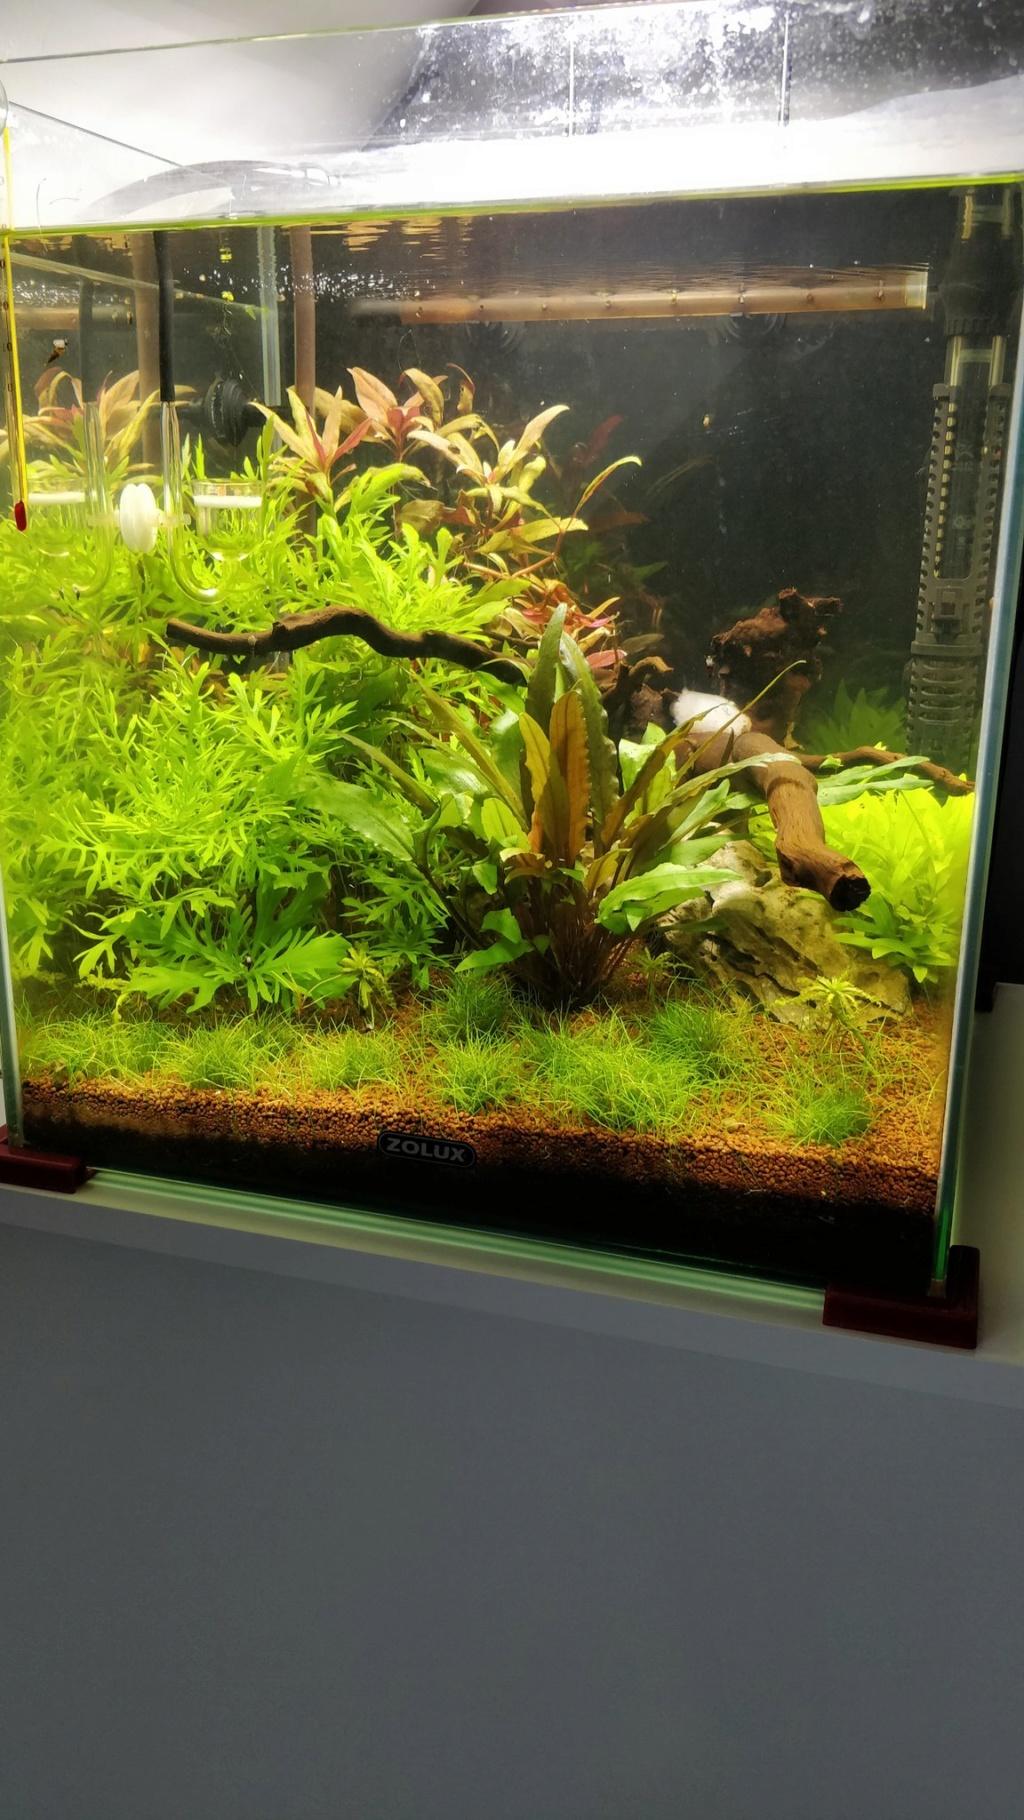 [2-Aquario] Bac 50L - Biotope Asiatique C6nga-10